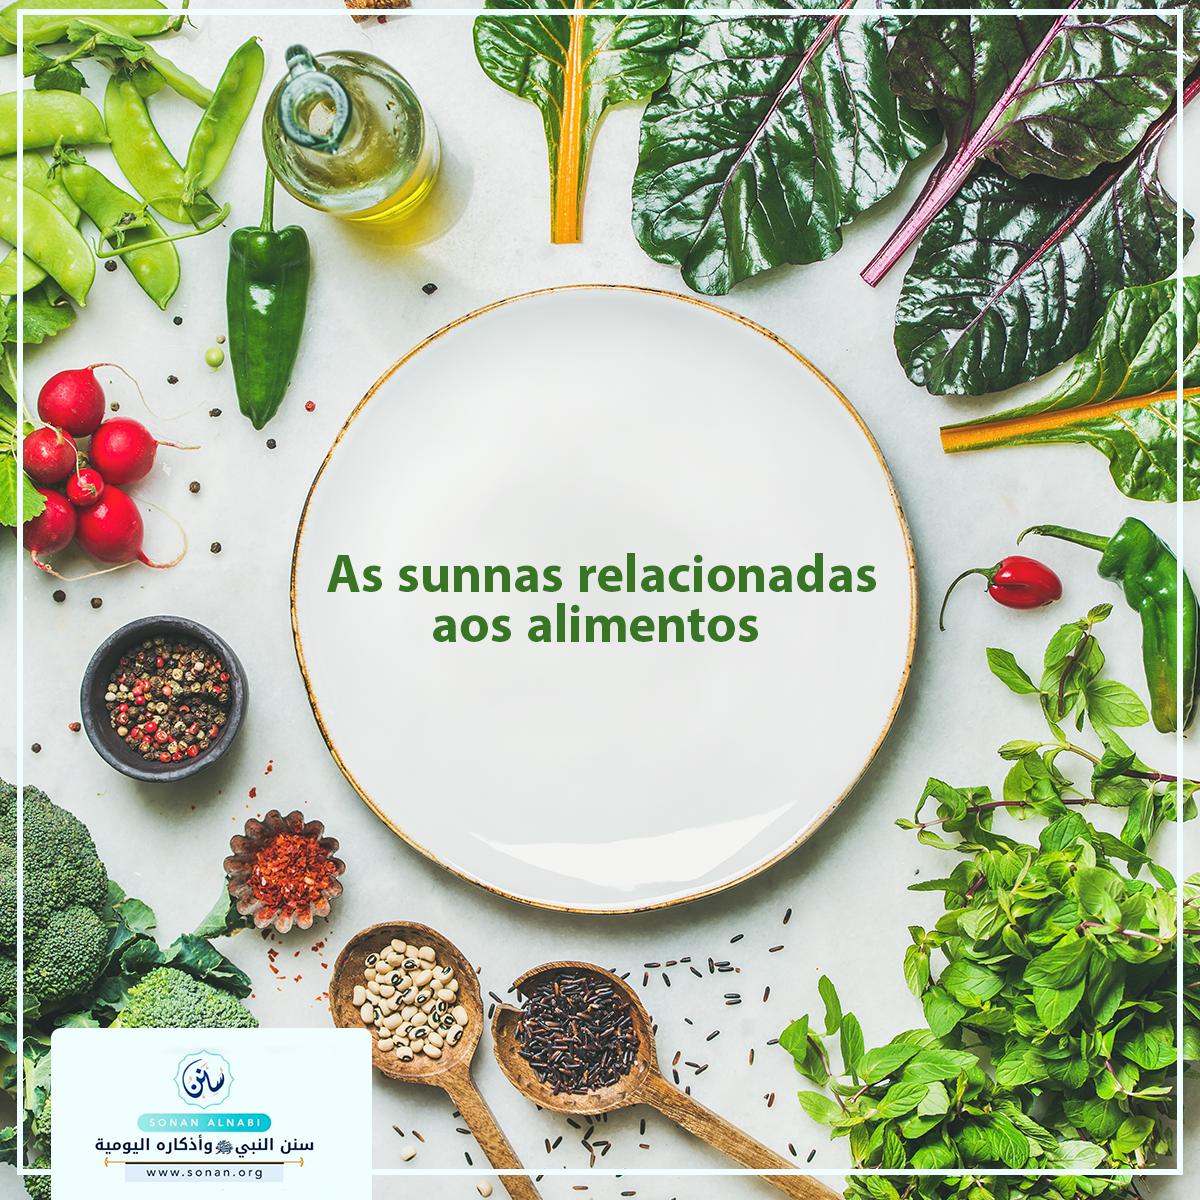 As sunnas relacionadas aos alimentos